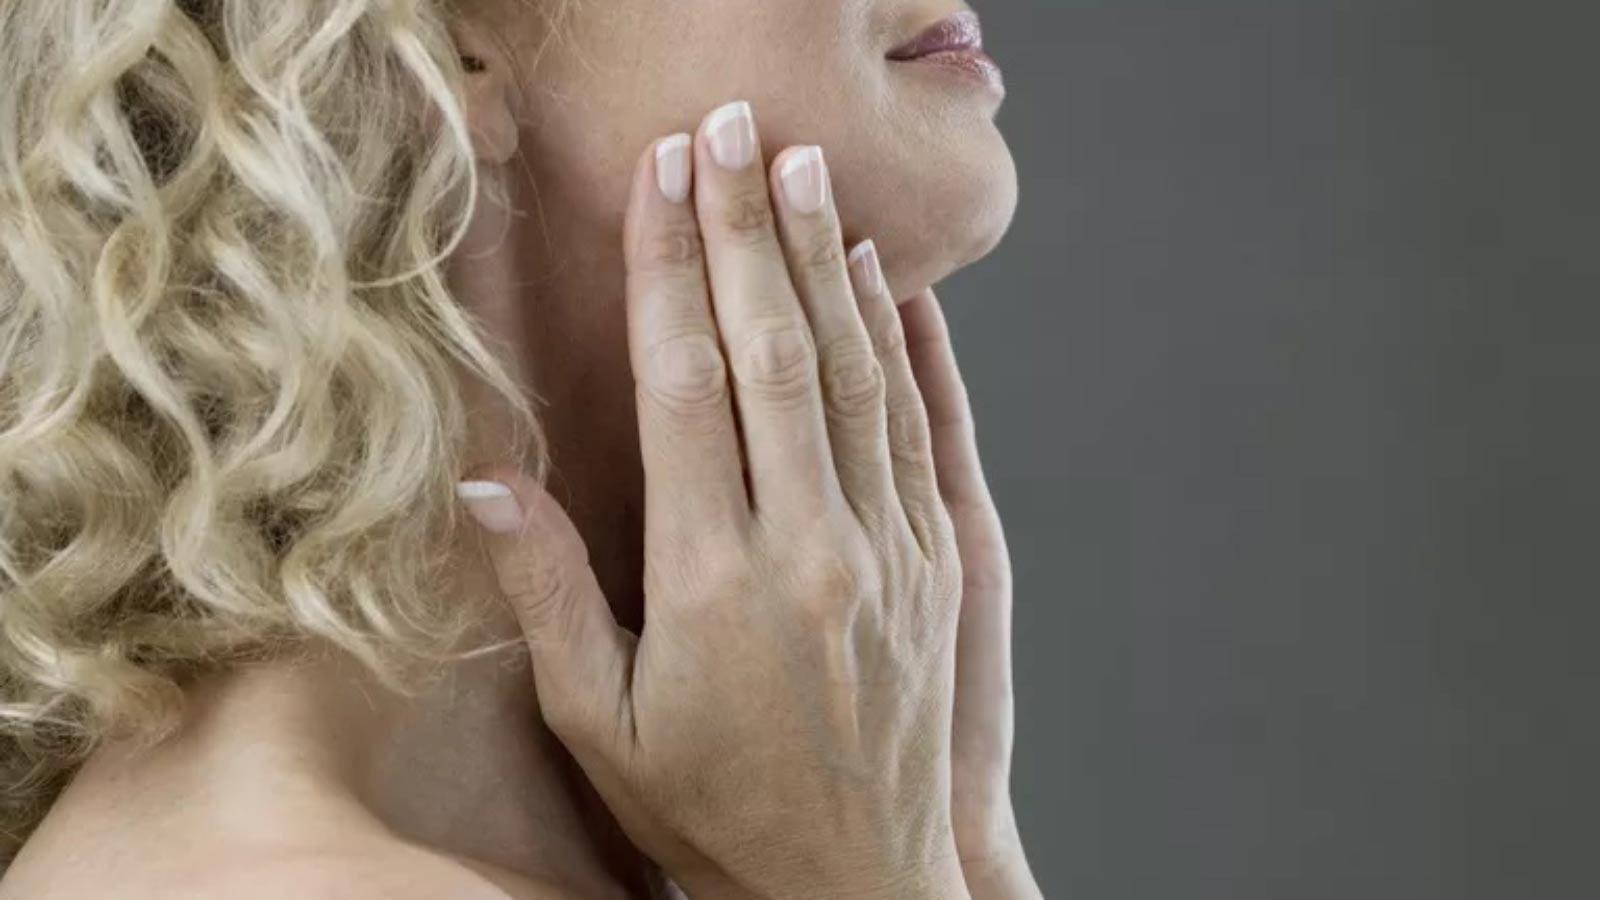 تمرینات فک برای درمان اختلال بلع